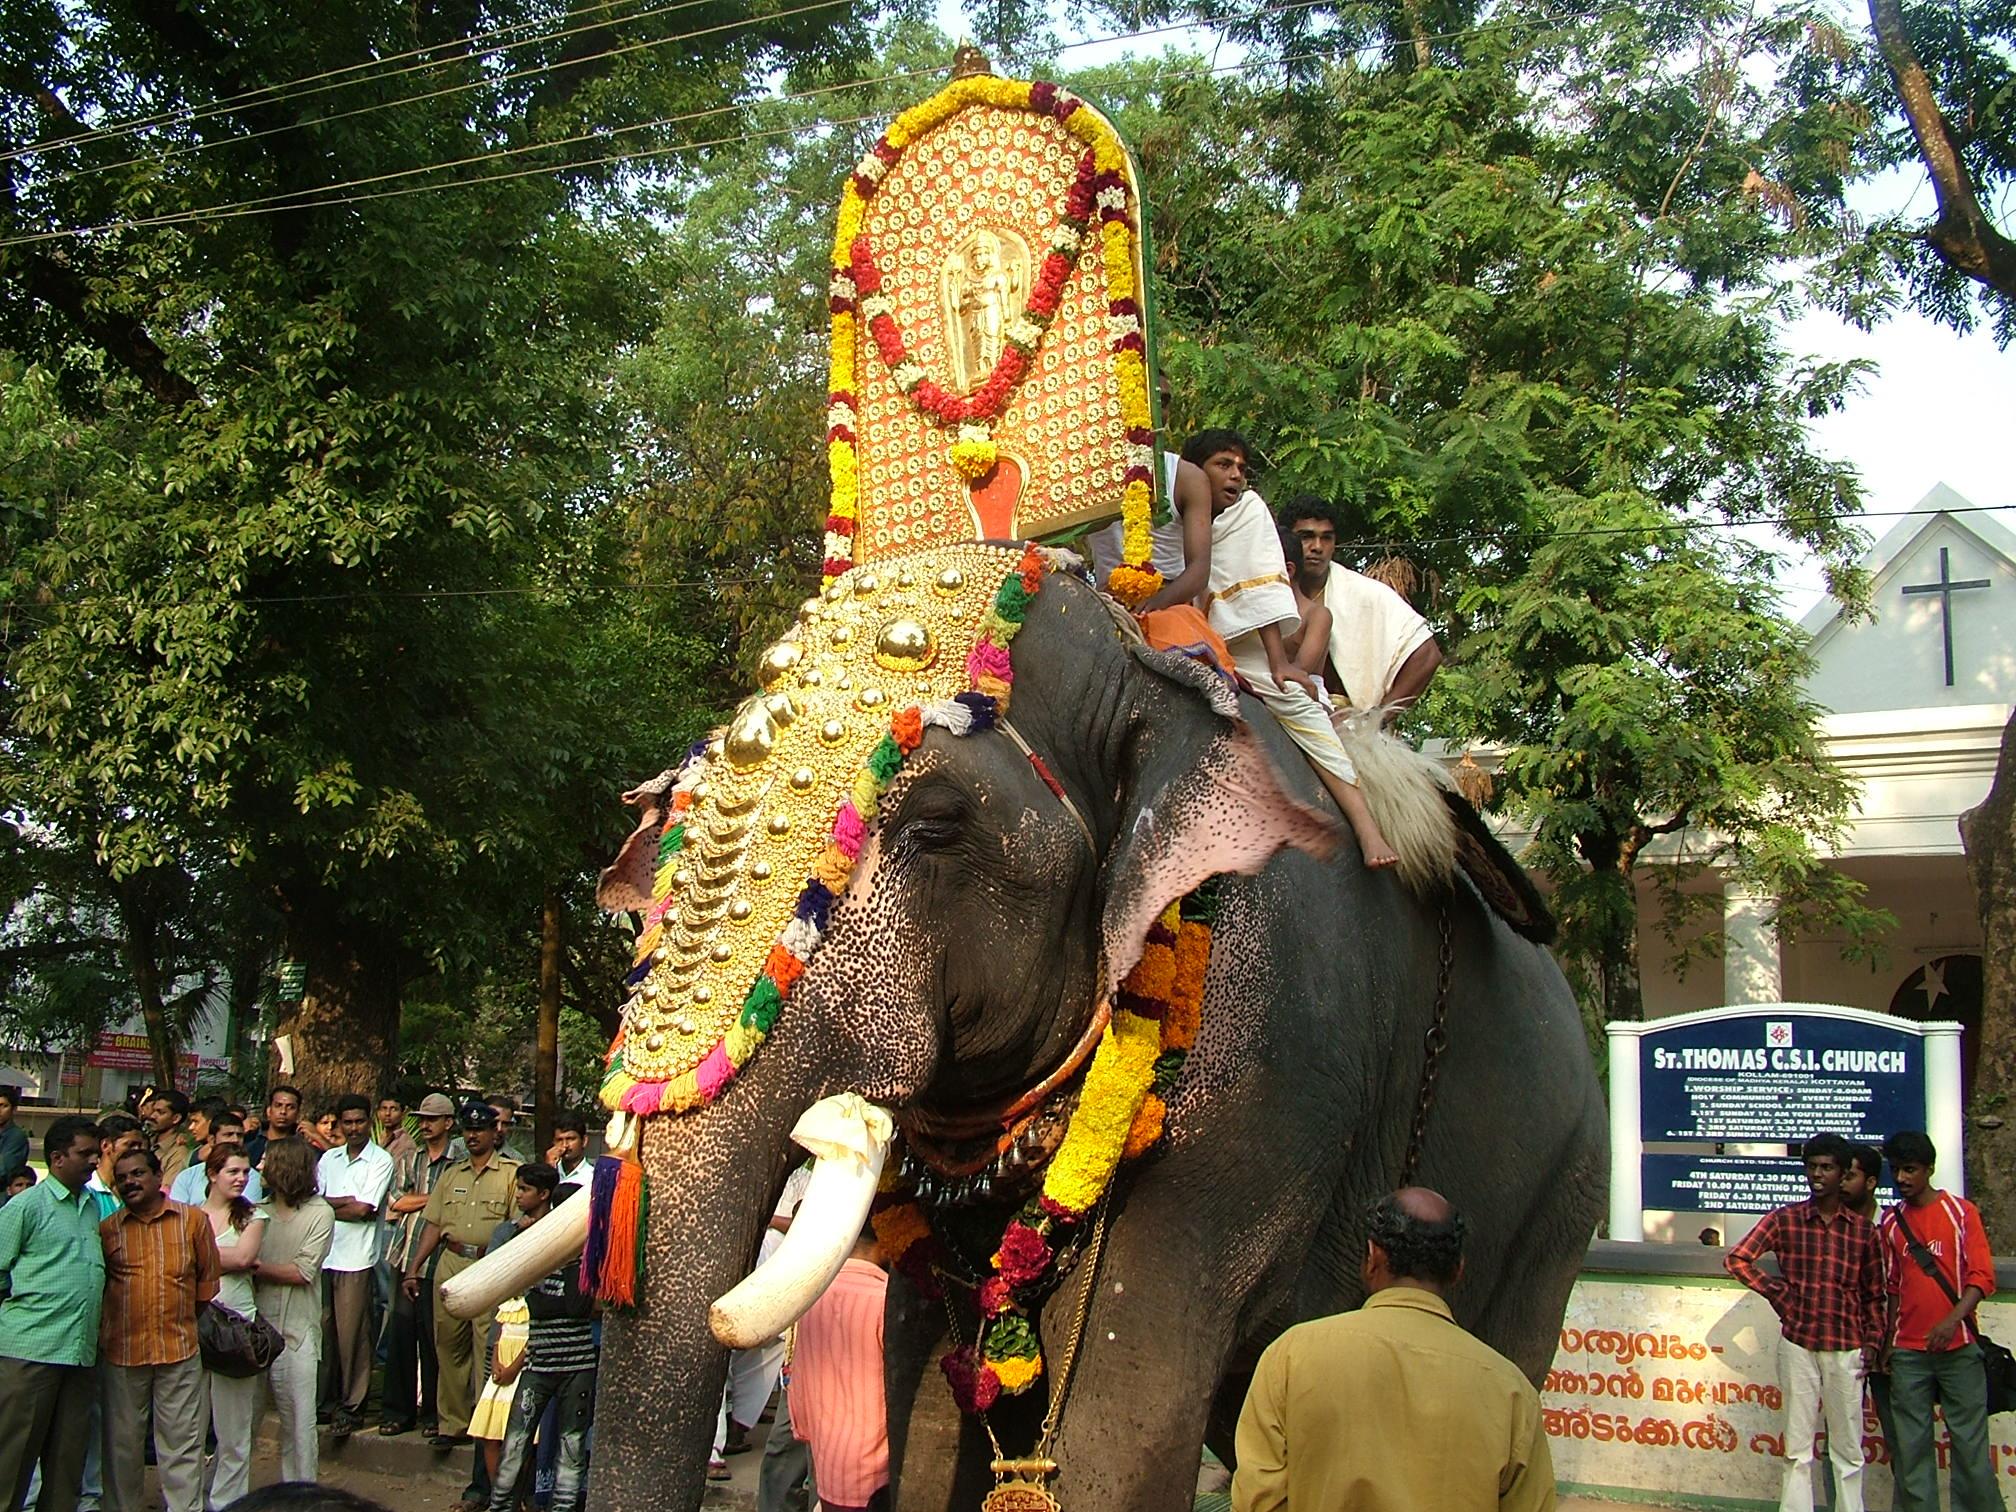 פיל מקושט בפסטיבל פילים בקולום